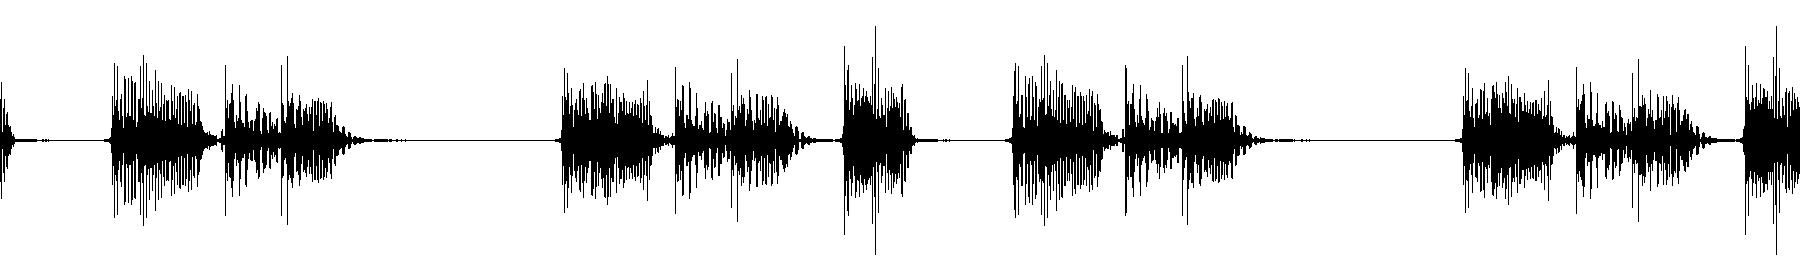 31 synth loop c